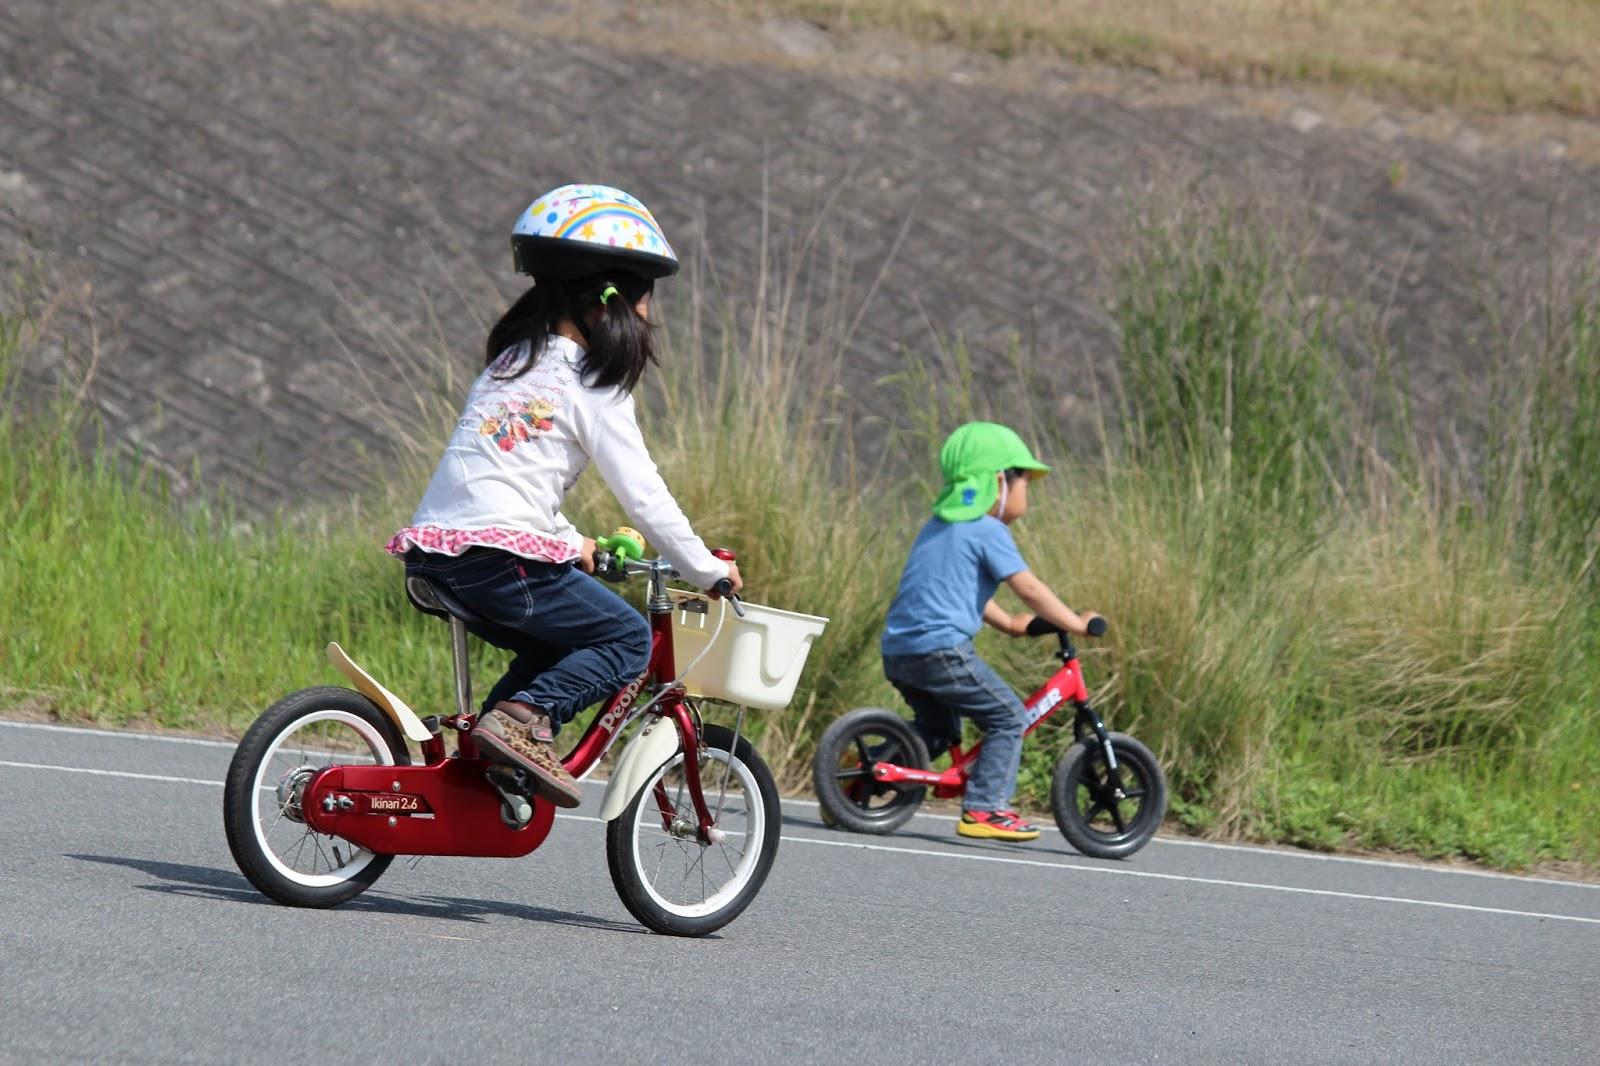 初めて乗る自転車。何を基準にする?おすすめの子供自転車5選 ...